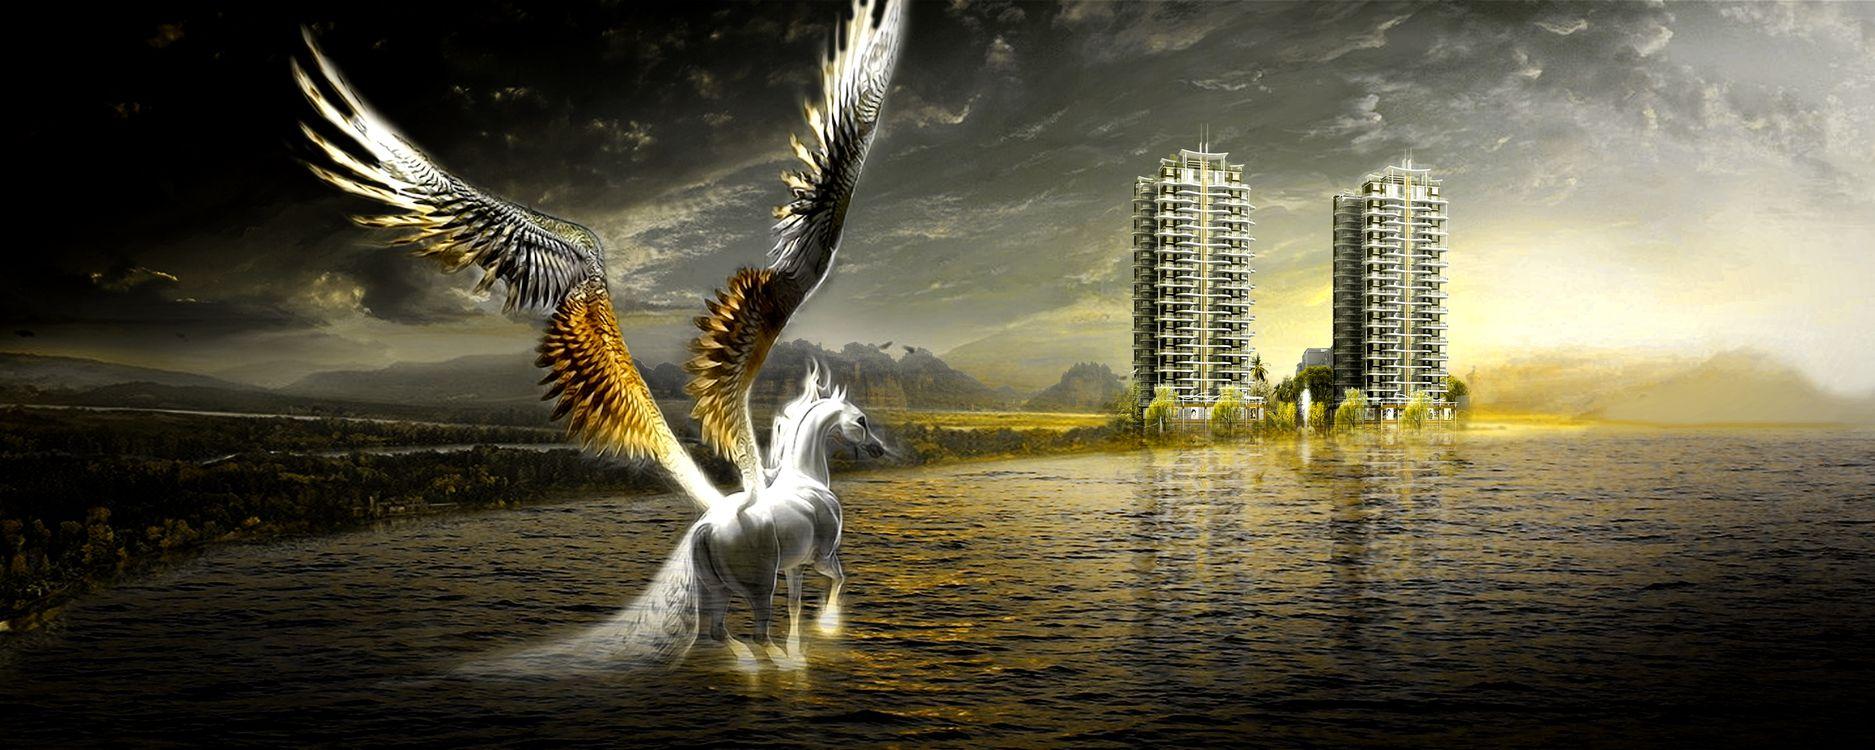 Фото бесплатно арт, креатив, конь, пегас, здания, море, небо - на рабочий стол